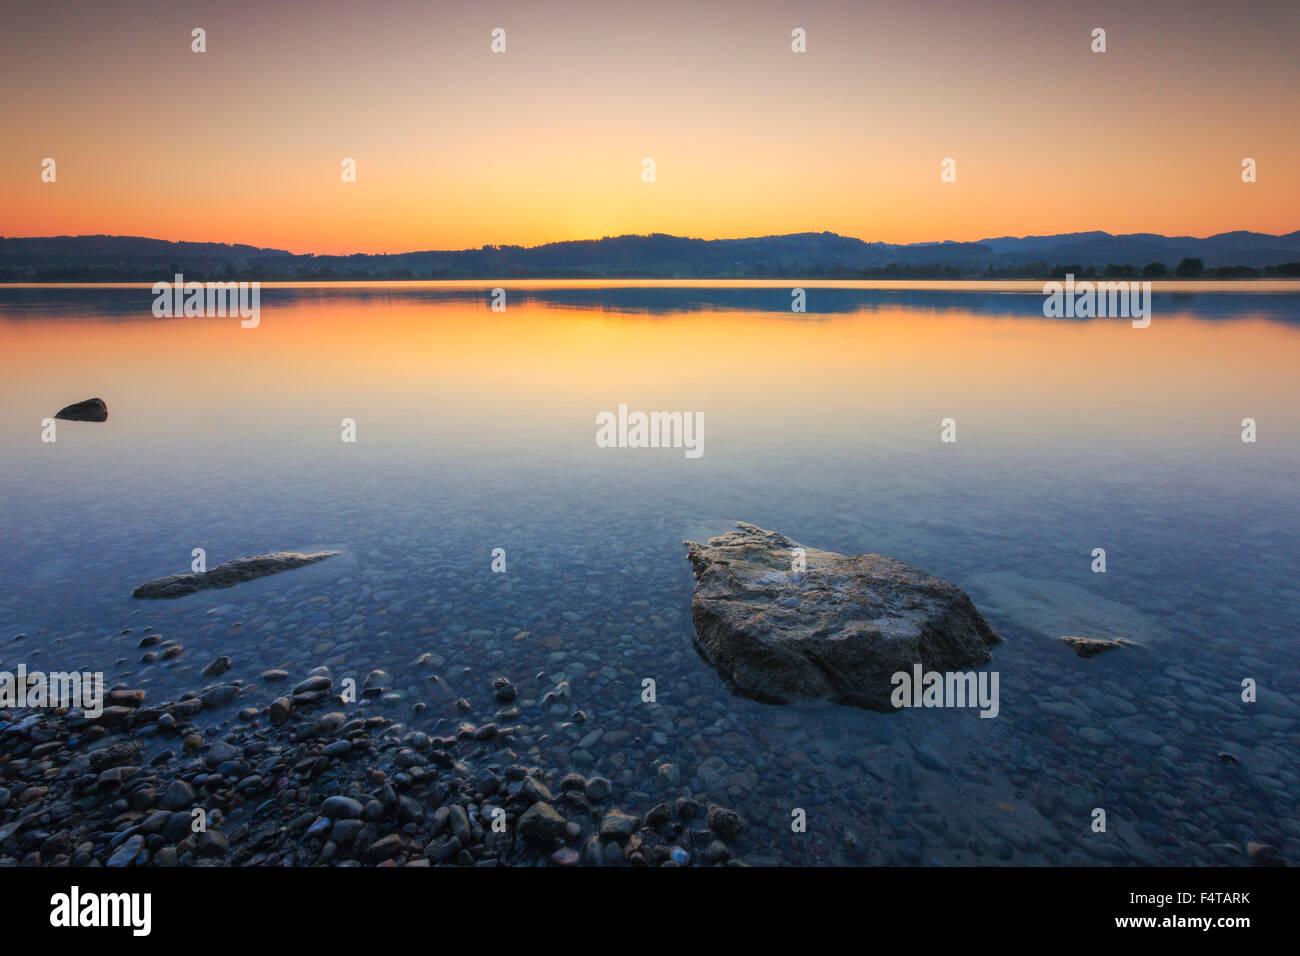 Pfäffikon lake, Zurich uplands, Switzerland - Stock Image